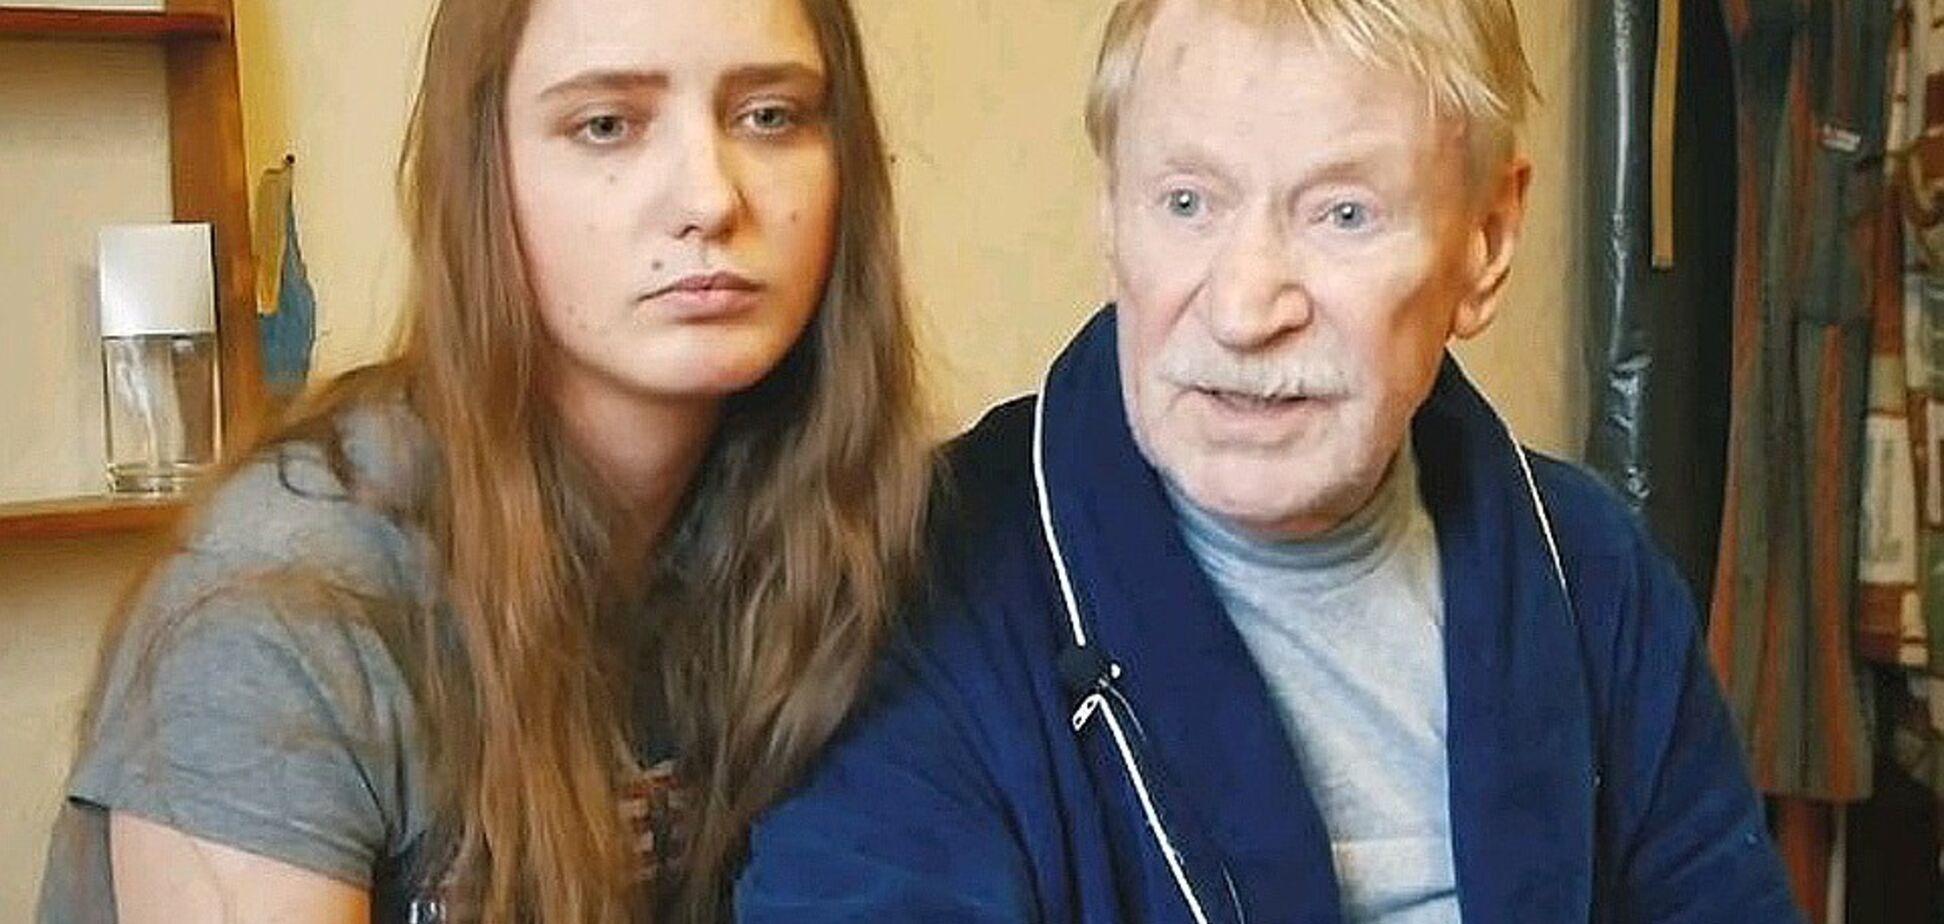 'Преграда в сексуальных отношениях': 88-летний народный артист РФ открыл причину развода с молодой женой